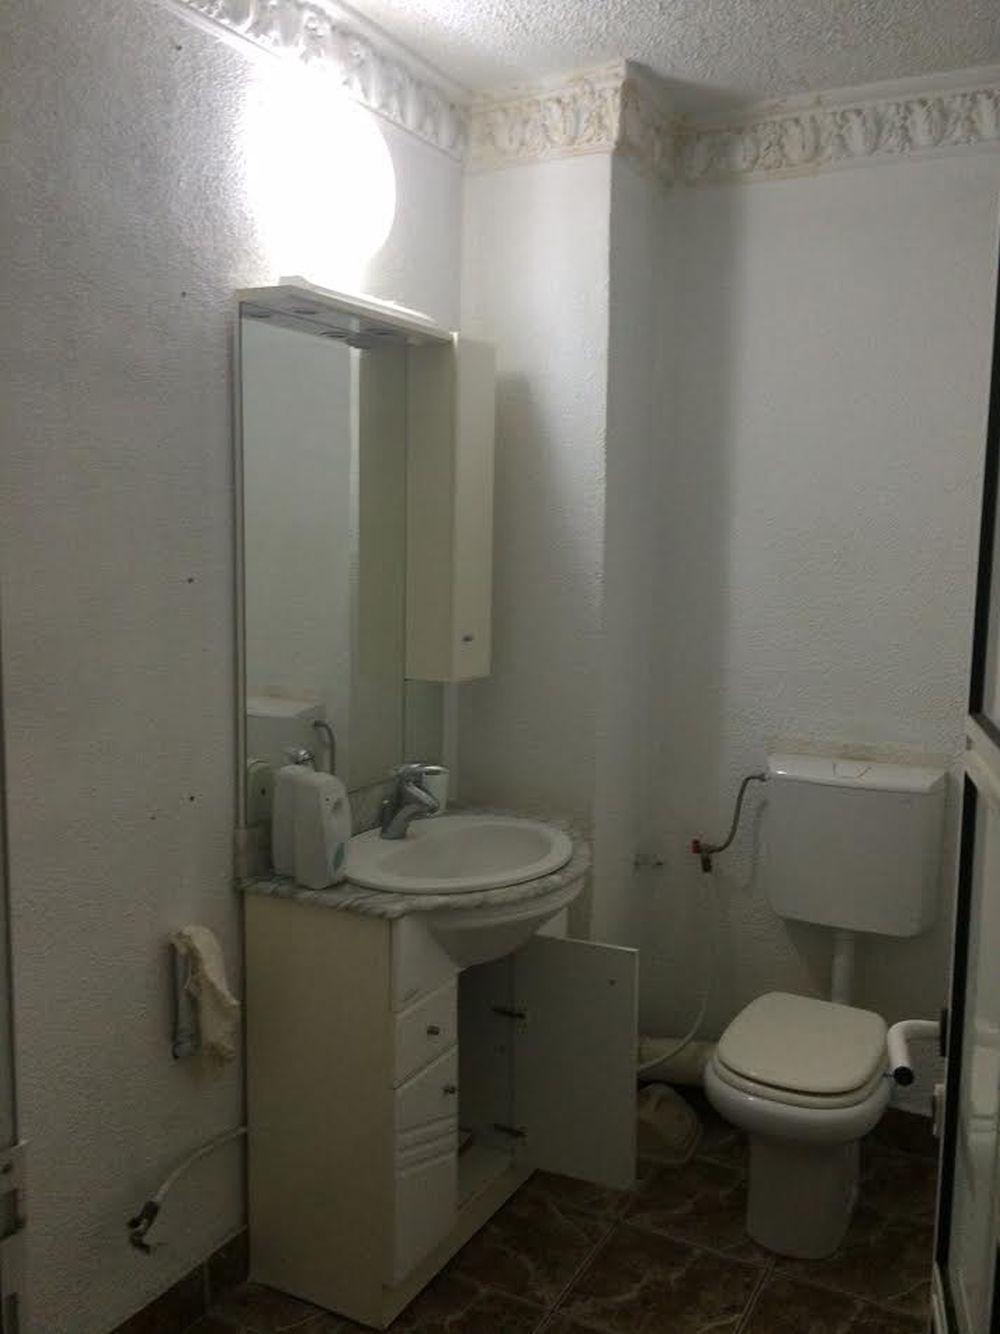 adelaparvu-com-despre-apartament-3-camere-bucuresti-reamenajat-poze-inainte-3